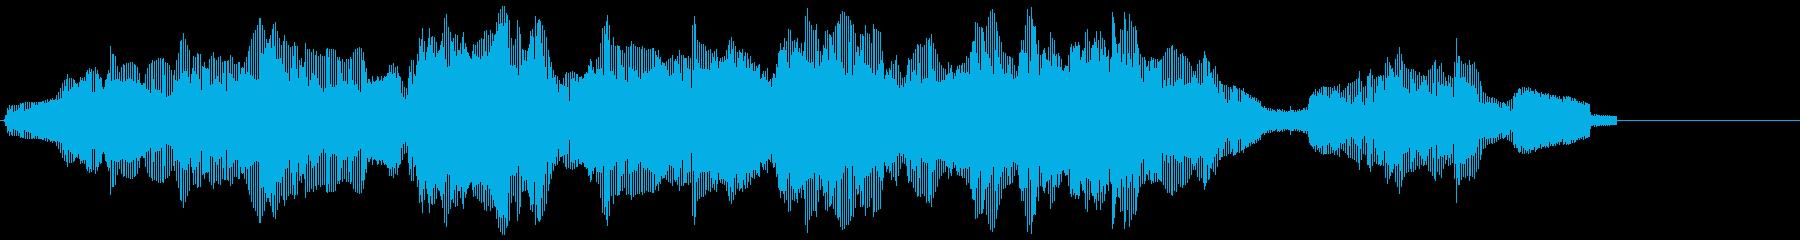 コンピューター口ハープエラーの再生済みの波形